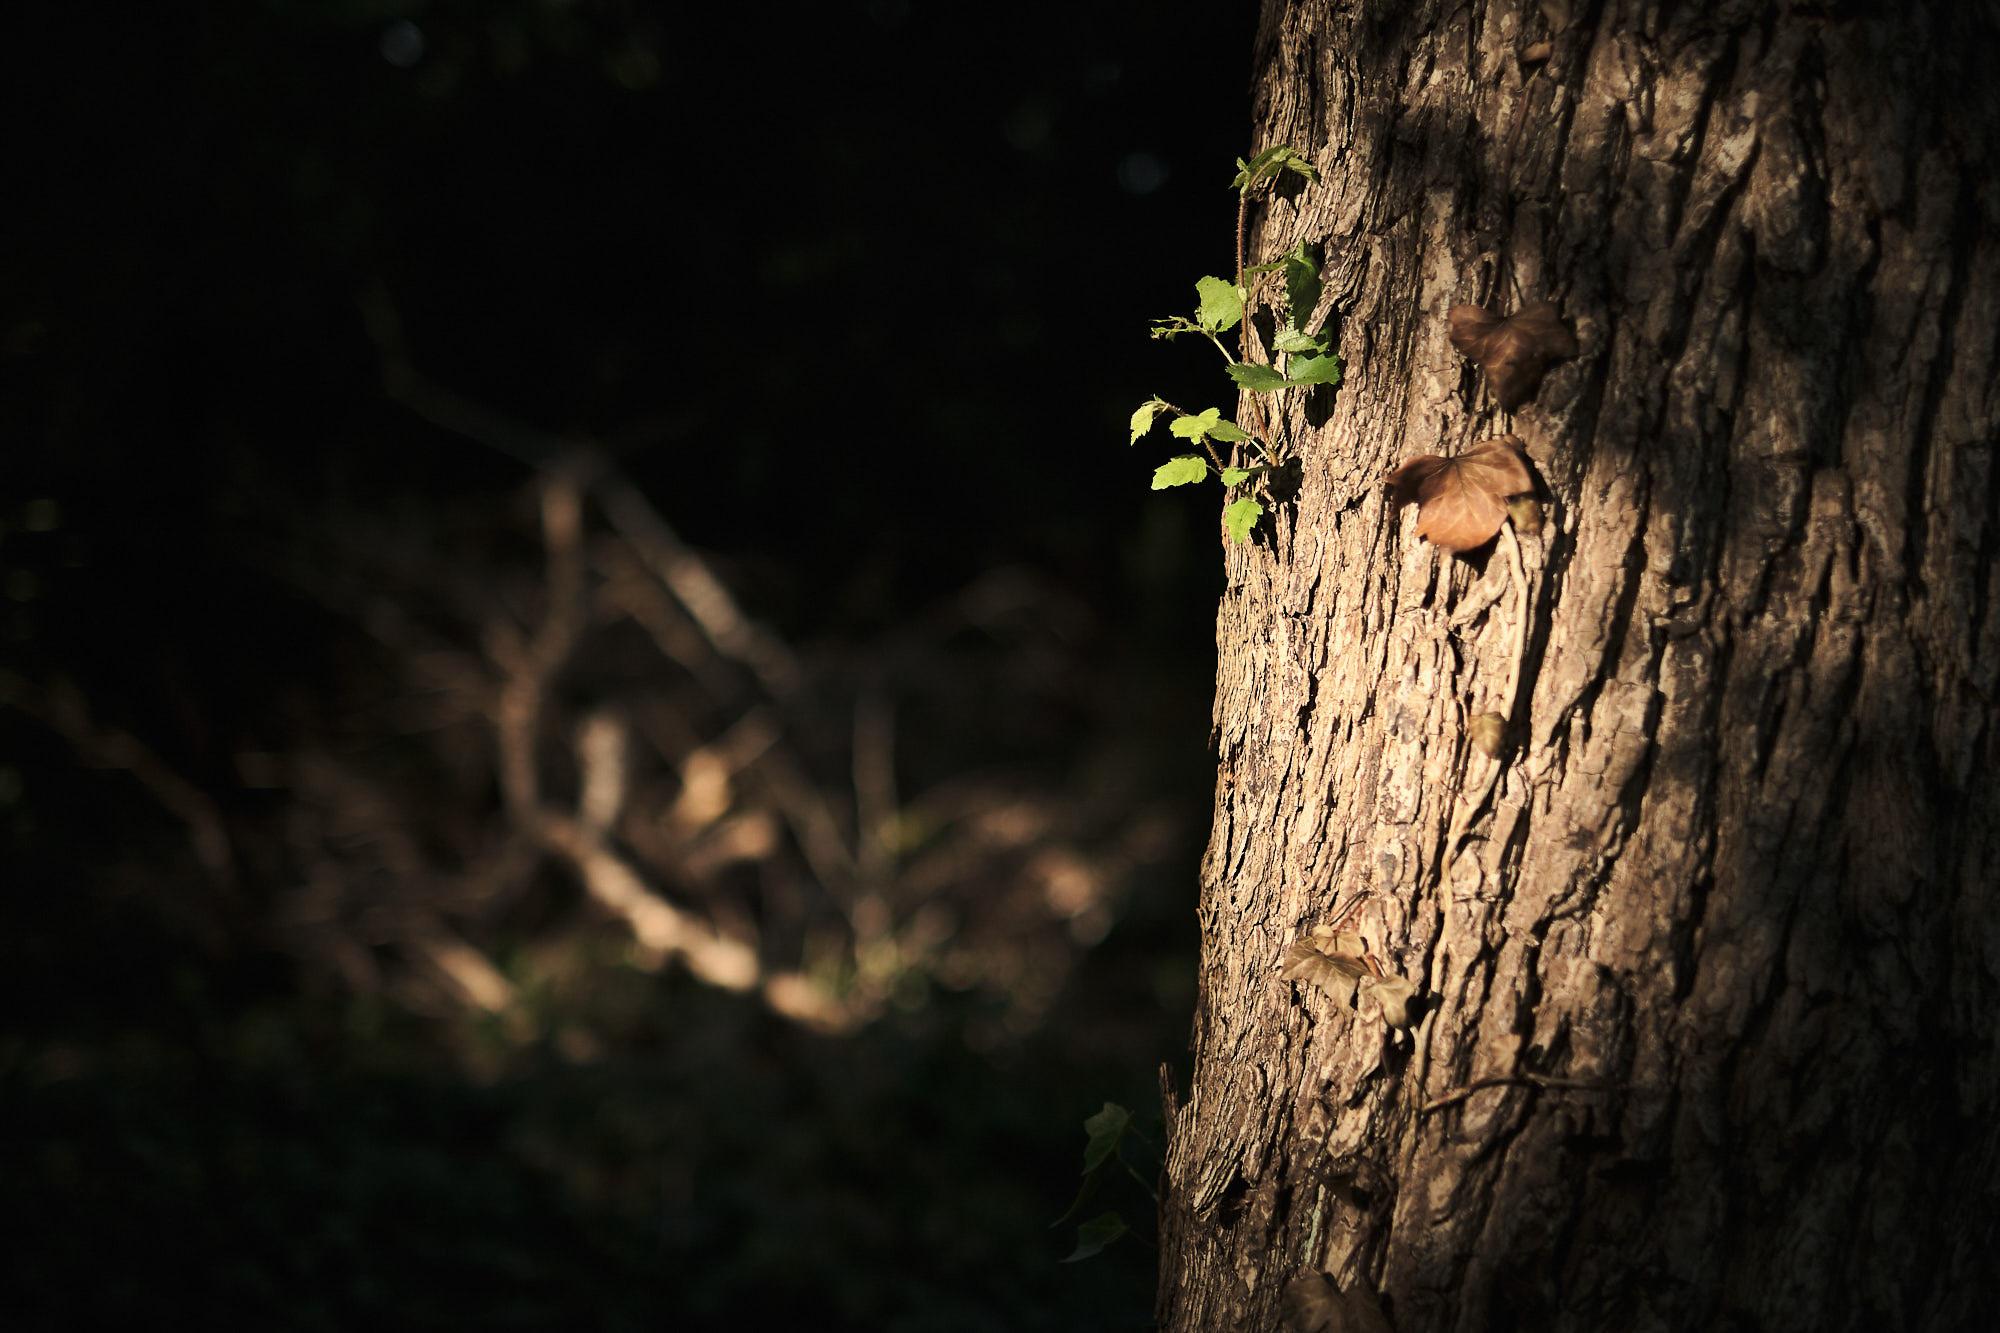 der kleine Baum